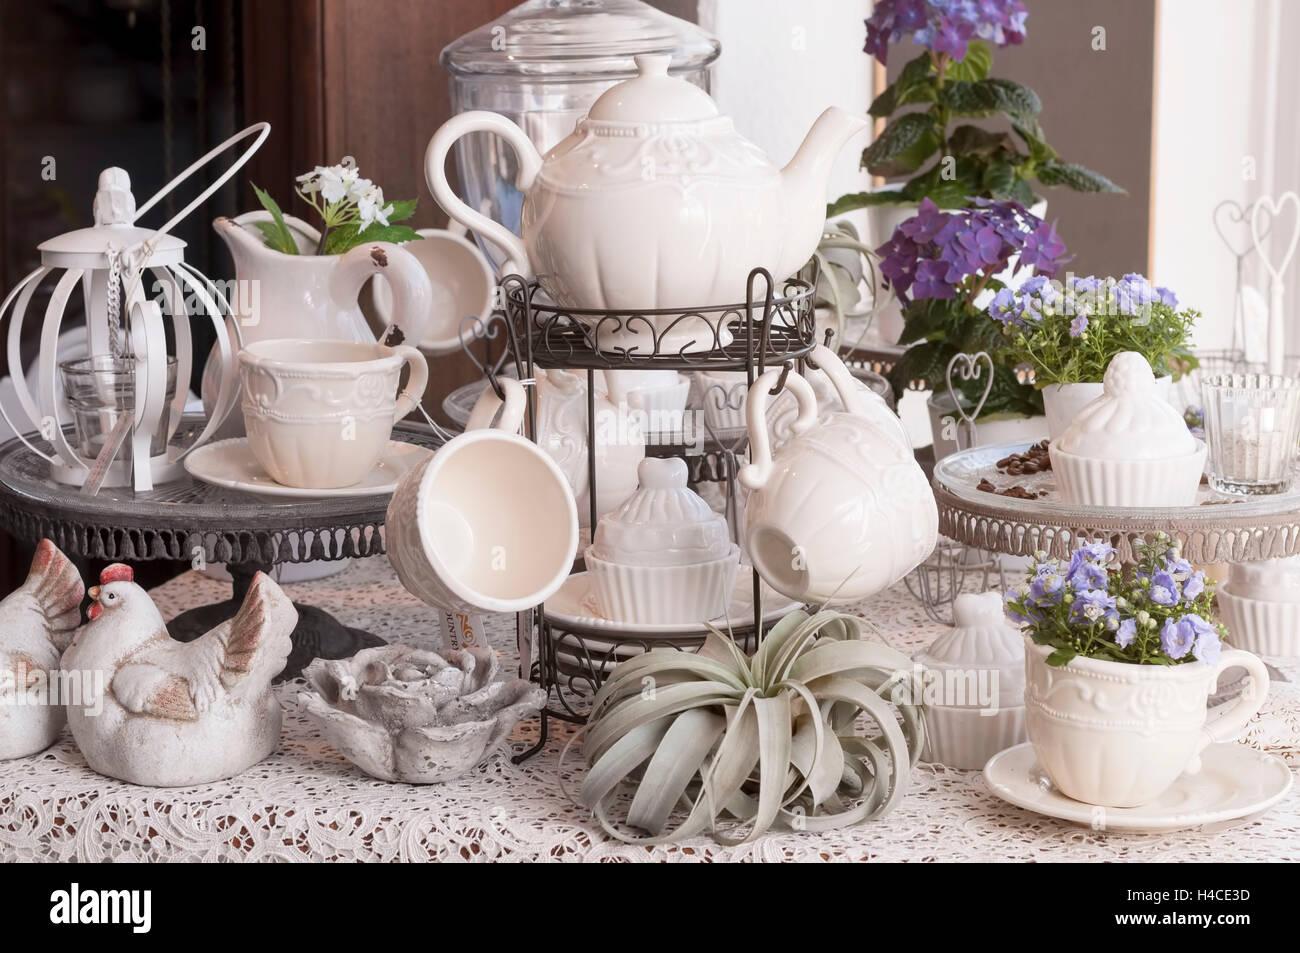 Bianco piatti di ceramica in stile vintage con delicata mauve